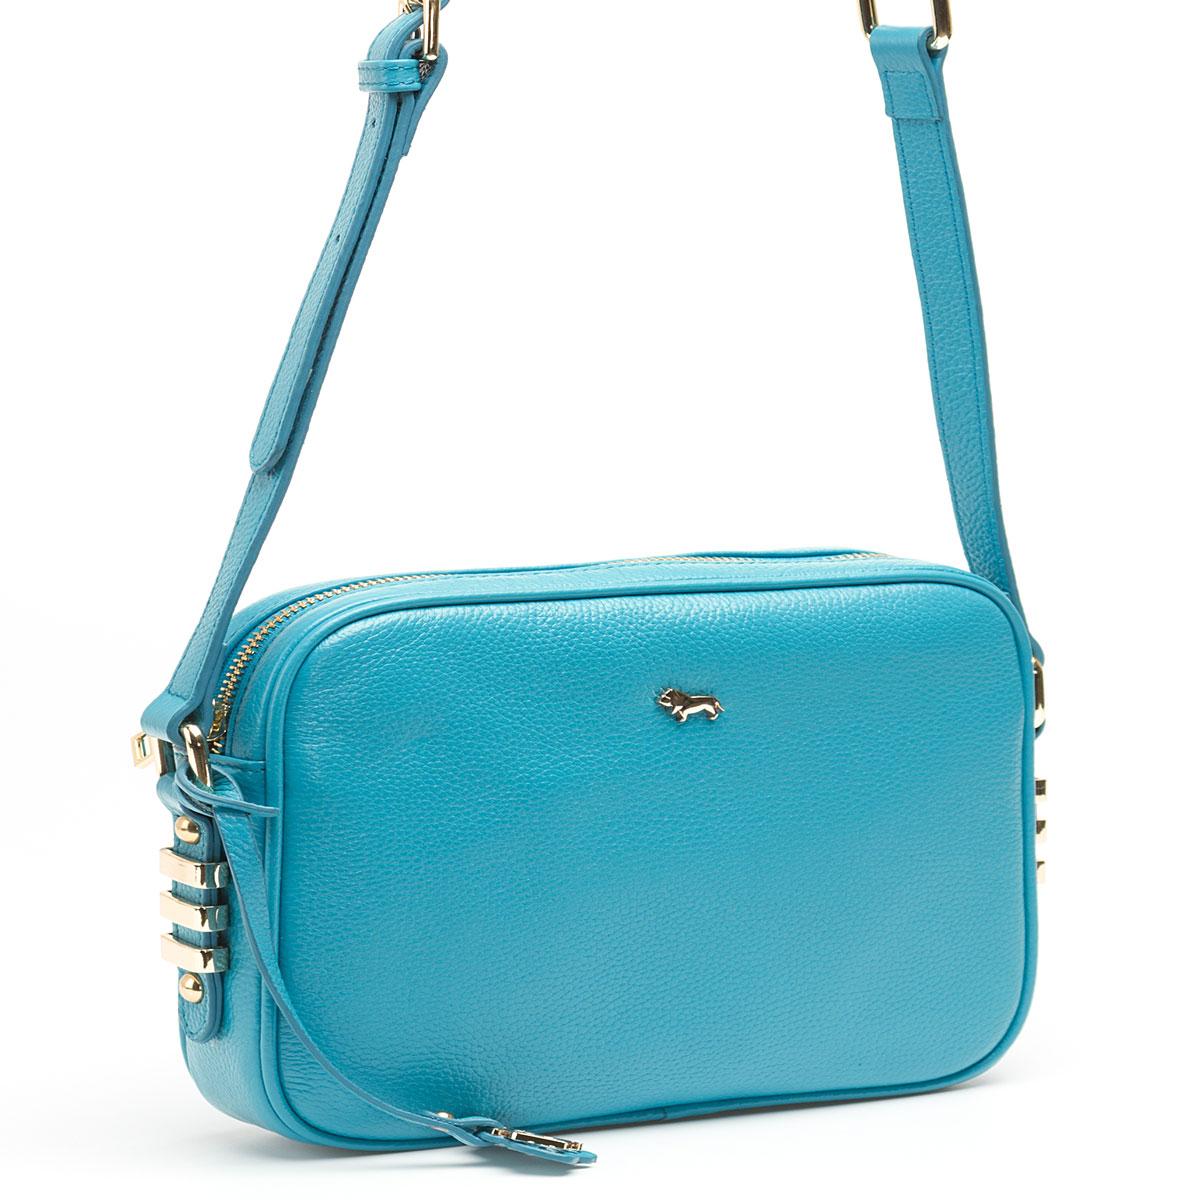 Сумка кросс-боди женская Labbra, цвет: светло-голубой. L-8329L-8329Женская сумка торговой марки LABBRA из натуральной кожи. Сумка закрывается на металлическую молнию. Внутри - одно отделение, в котором есть карман на молнии, карман для мобильного телефона и открытый карман. Сумка имеет карман на задней стенке. Данная модель кросс-боди, длина наплечного ремня - 115 см.